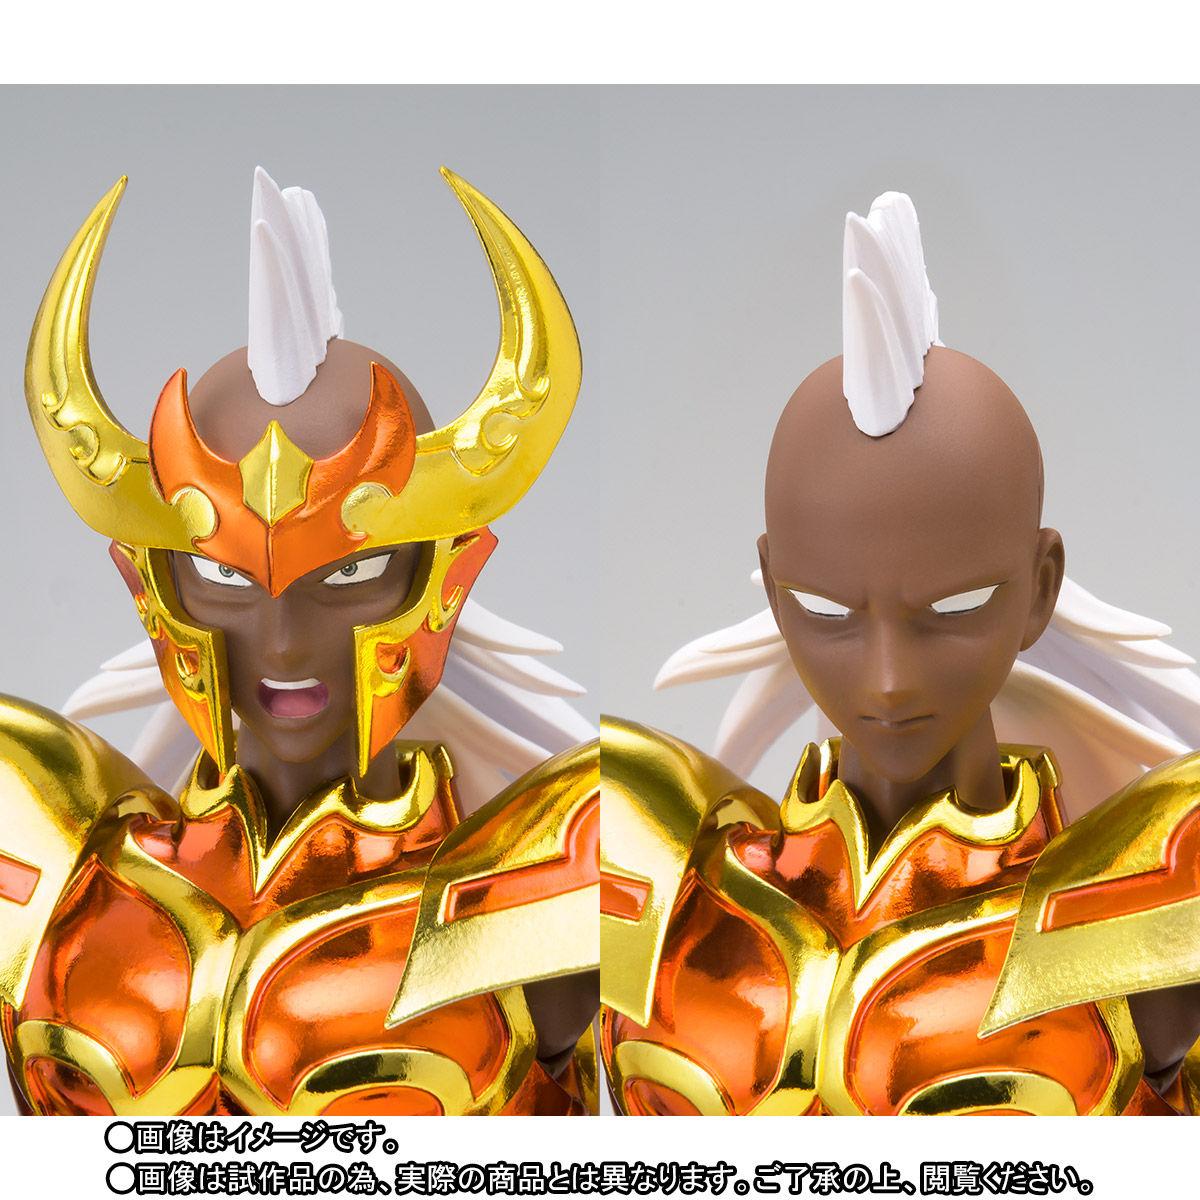 聖闘士聖衣神話EX『クリュサオル クリシュナ』アクションフィギュア-006